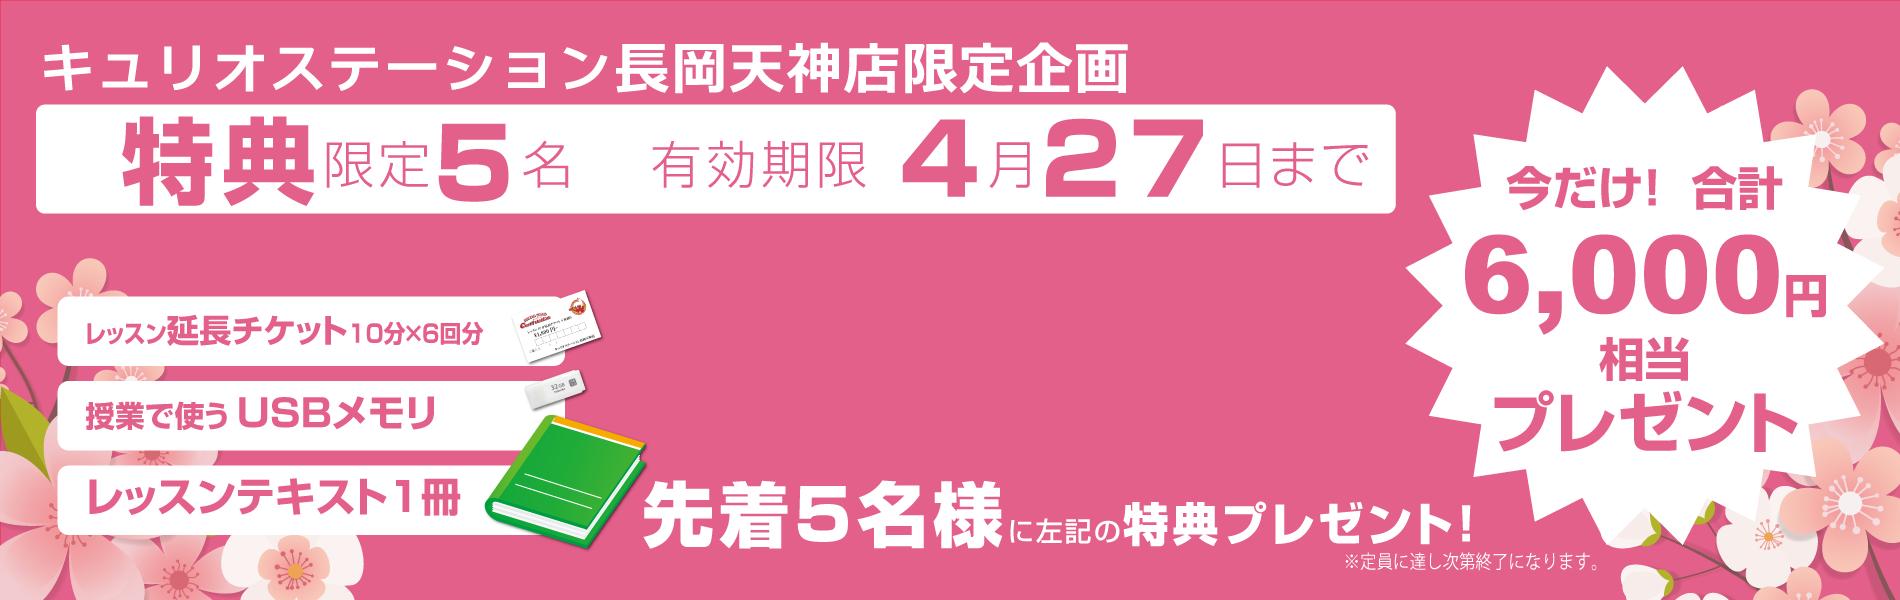 3月の入会キャンペーン! この春始めてみませんか?